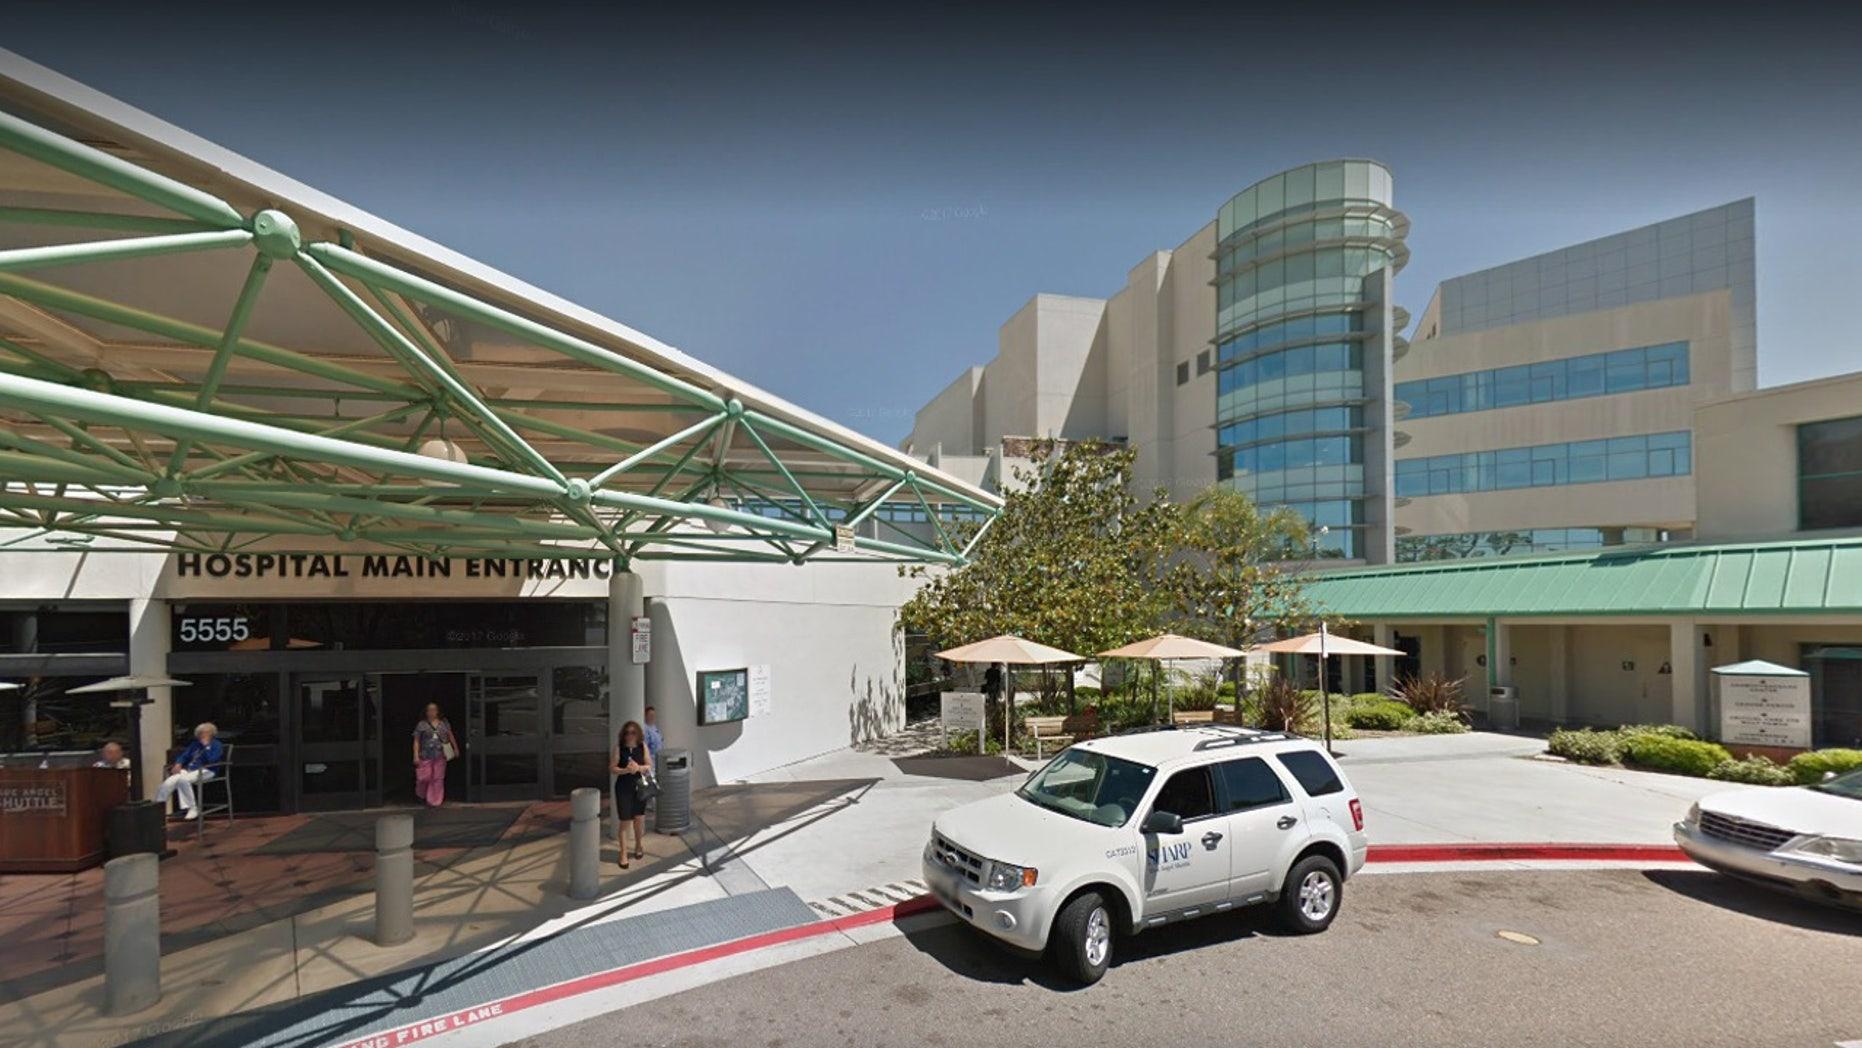 L'hôpital Sharp Grossmont de La Mesa, en Californie, a publié lundi une déclaration dans laquelle il présentait des excuses à plus de XNUMX femmes qui poursuivaient en justice, affirmant qu'elles avaient été accidentellement enregistrées par des caméras activées par le mouvement installées dans trois salles d'opération distinctes afin d'attraper quelqu'un